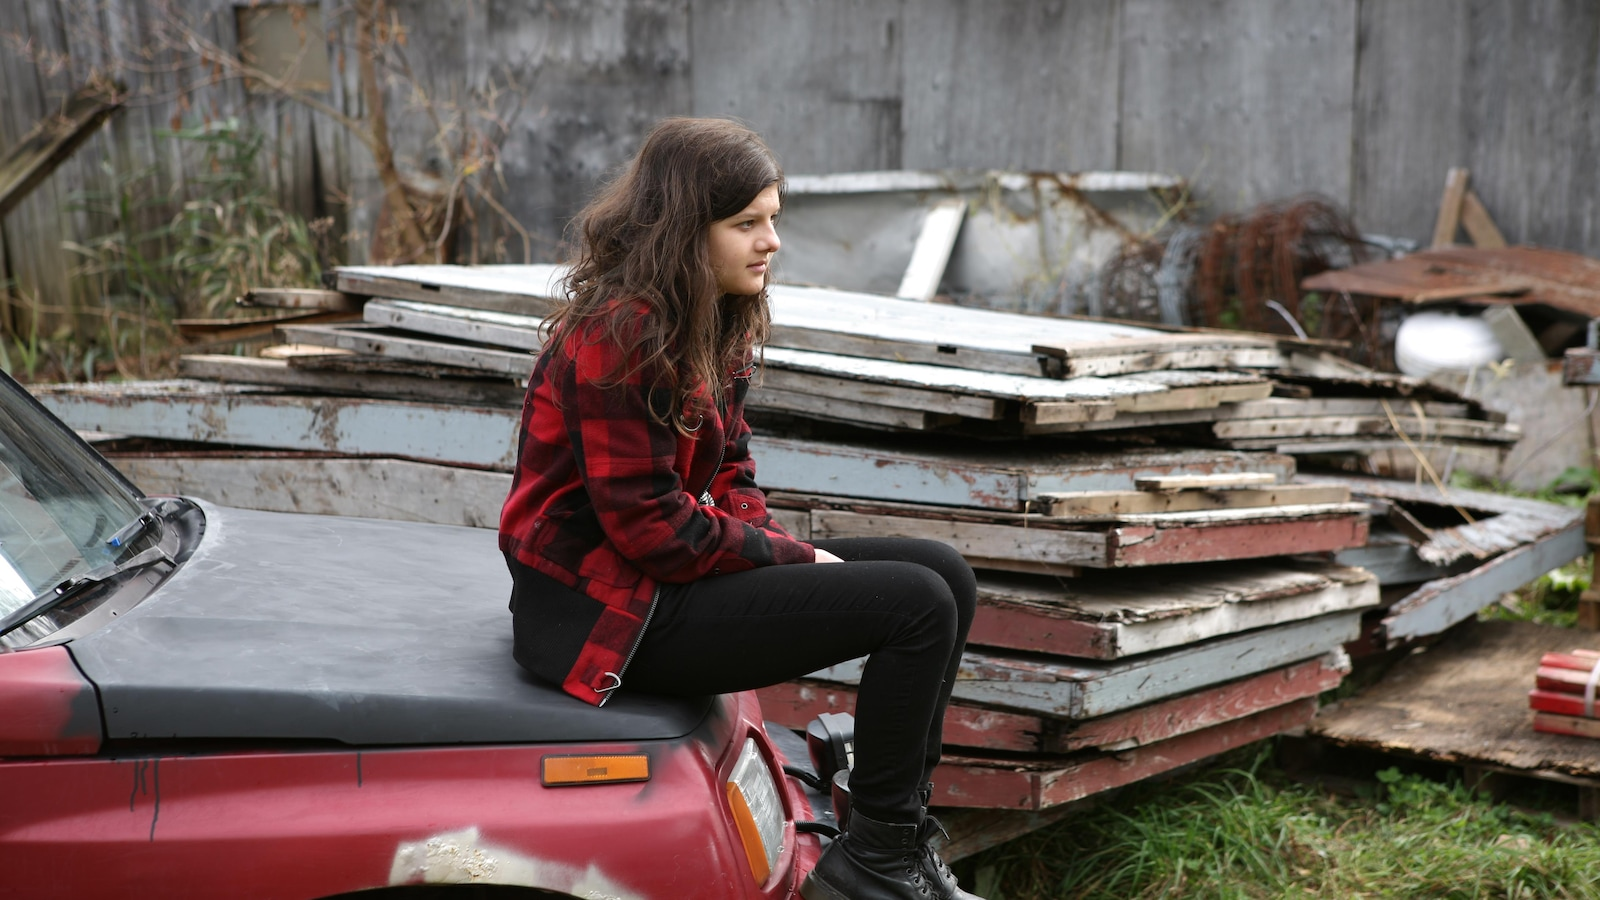 Une jeune fille assise sur le capot d'une voiture, dans une cour à scrap.